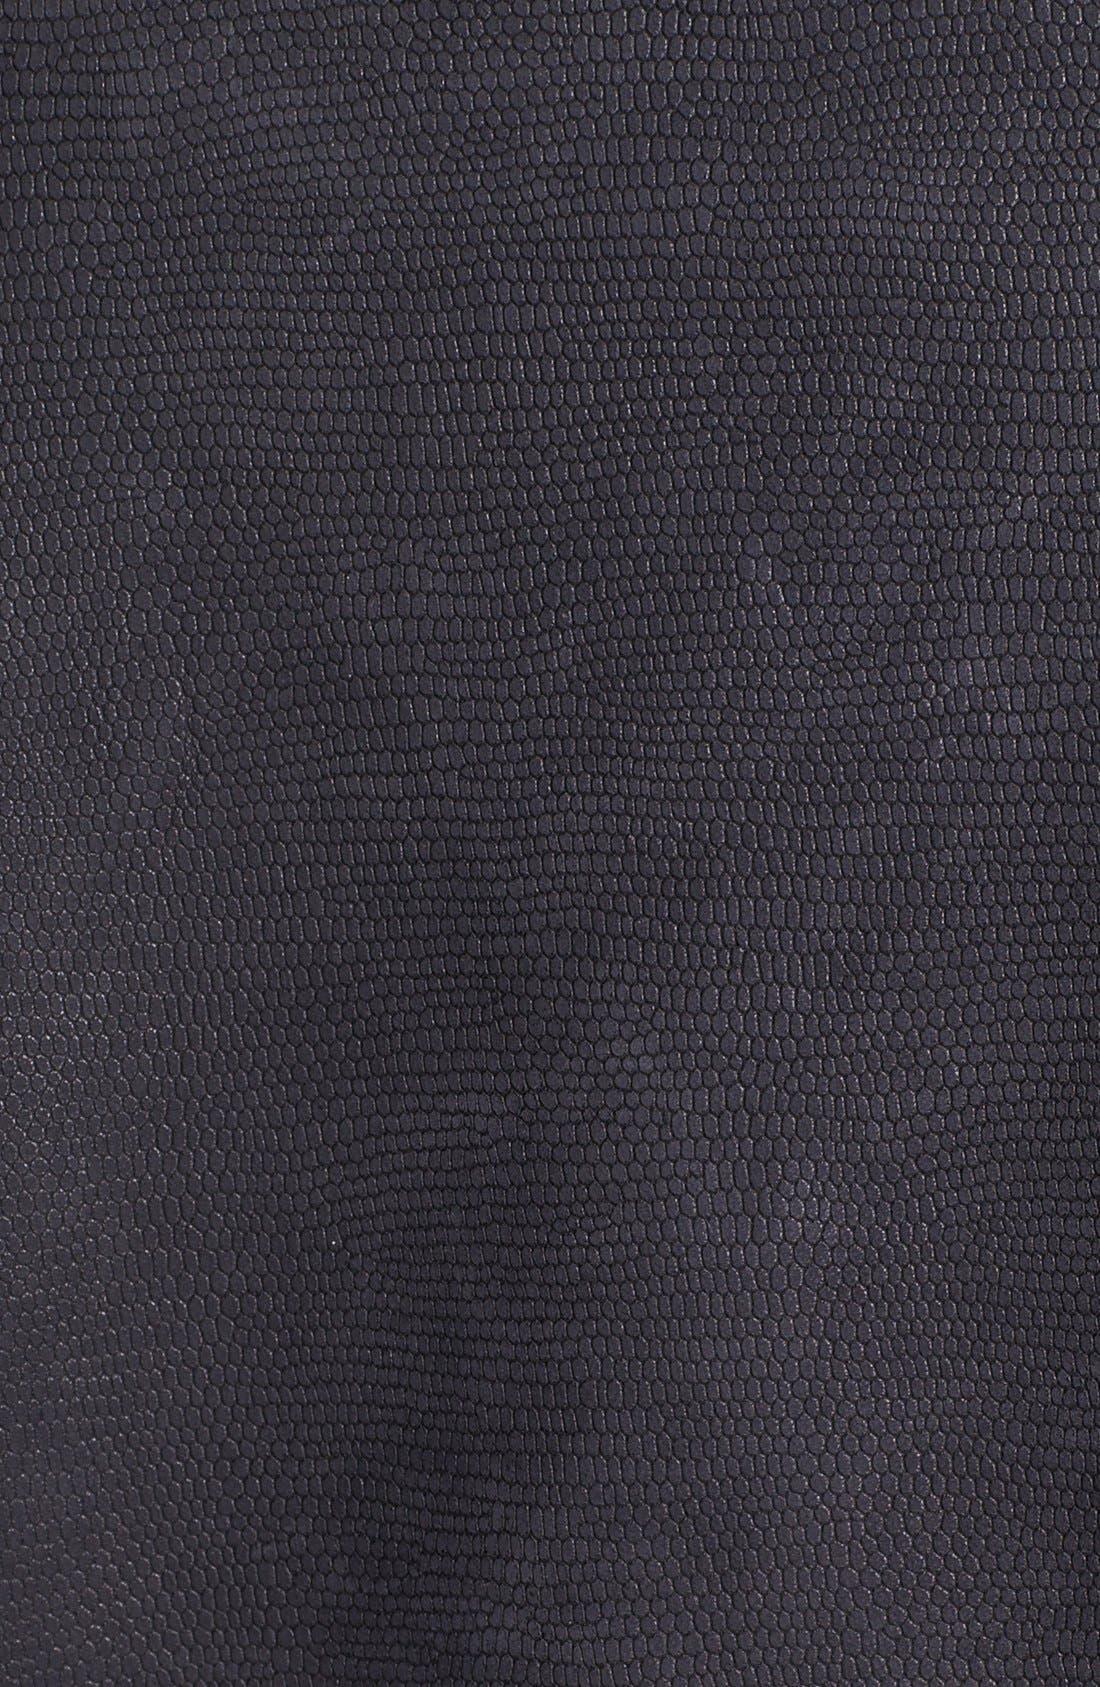 Alternate Image 3  - Andrew Marc Mixed Leather Moto Jacket